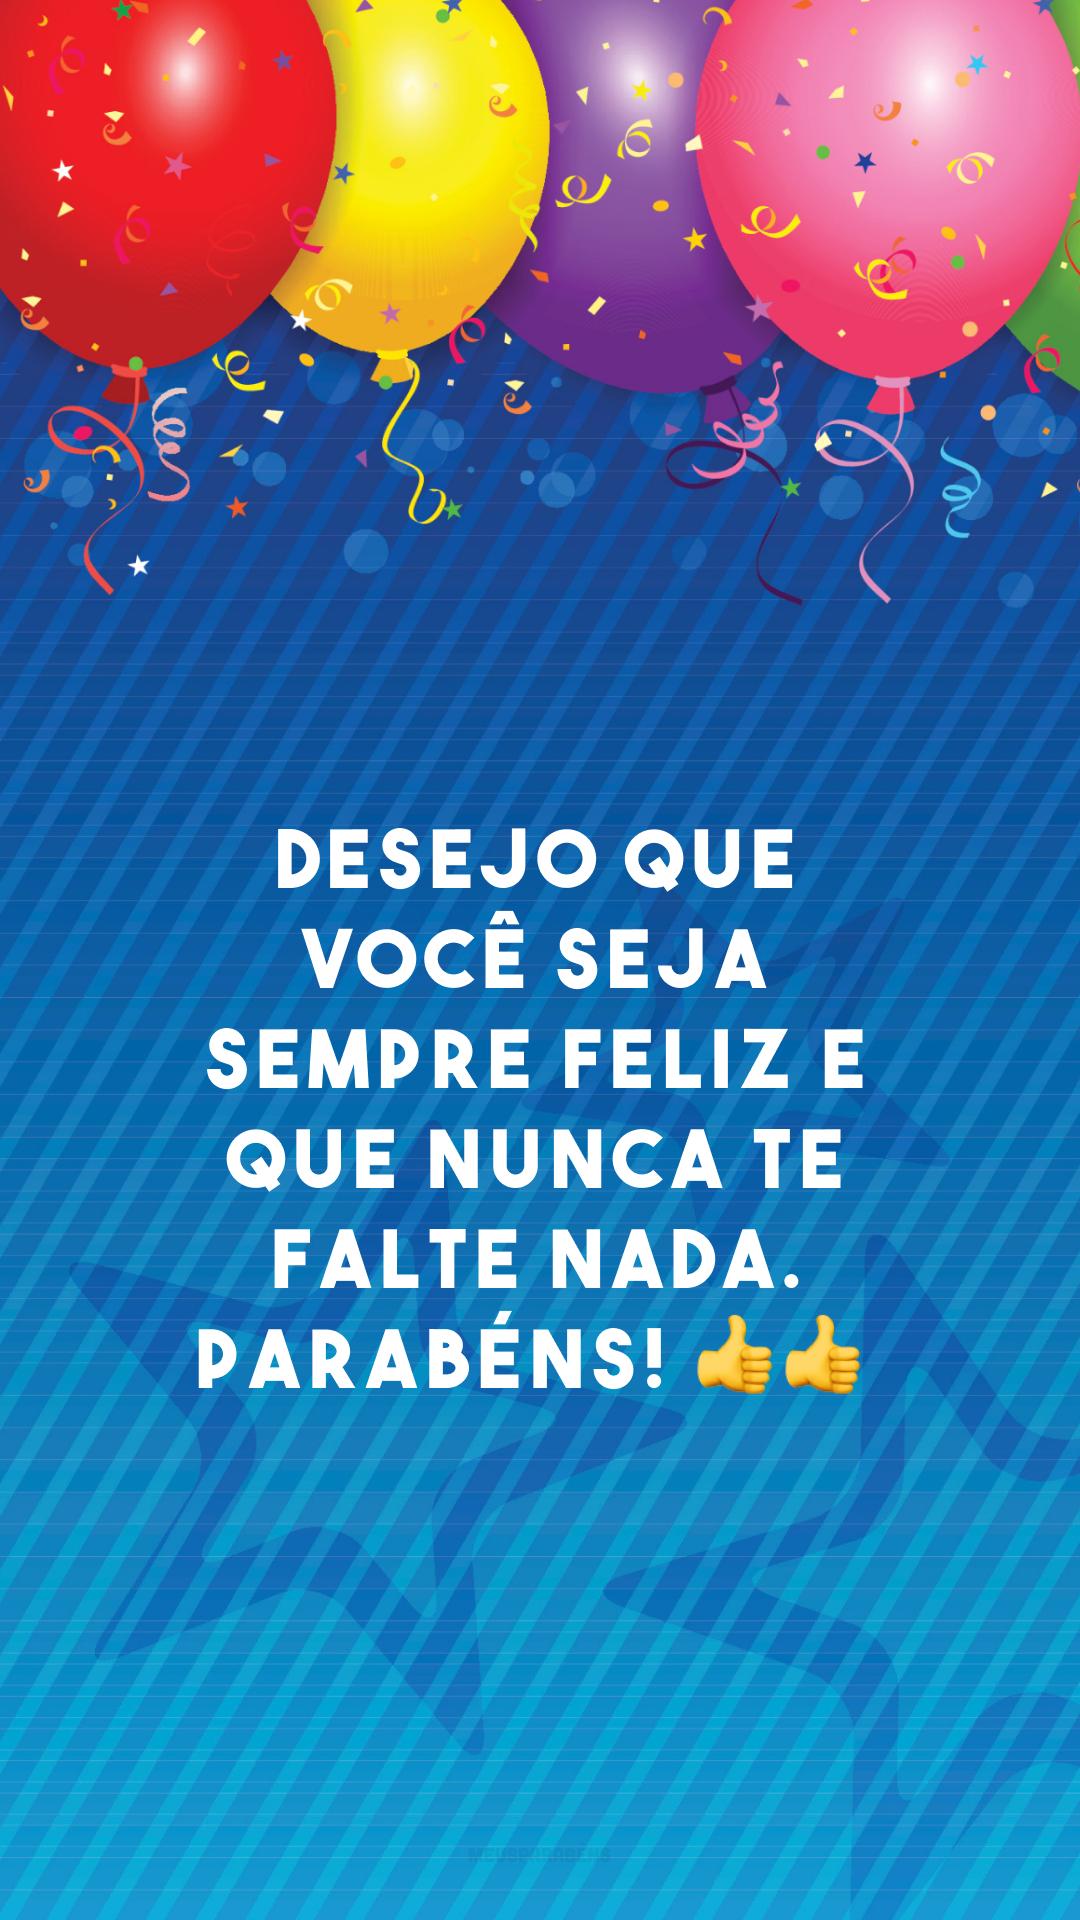 Desejo que você seja sempre feliz e que nunca te falte nada. Parabéns! 👍👍<br />